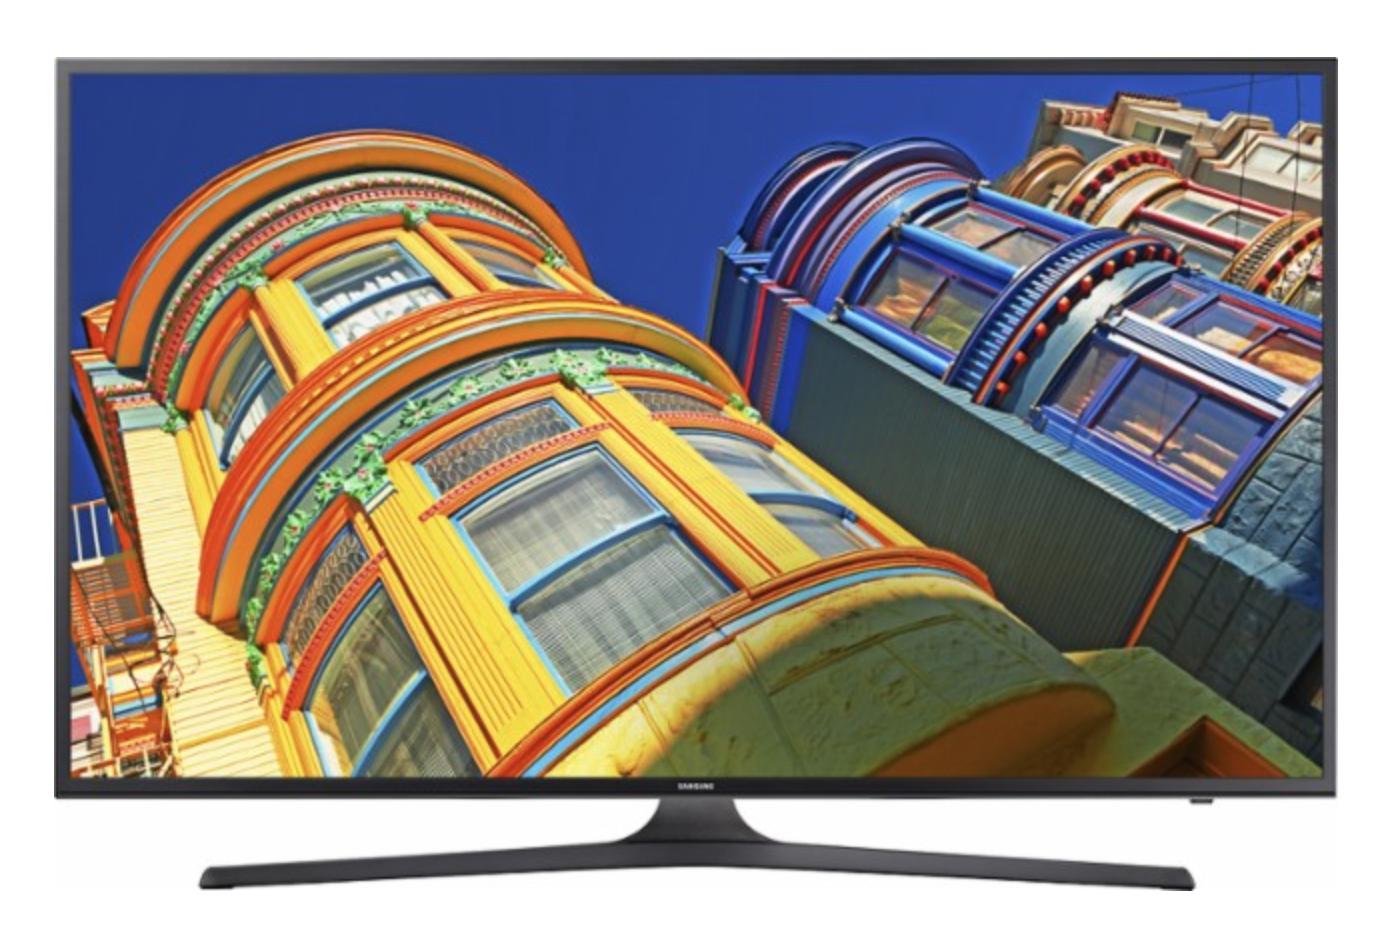 Samsung 55inch TV added 6/28/16